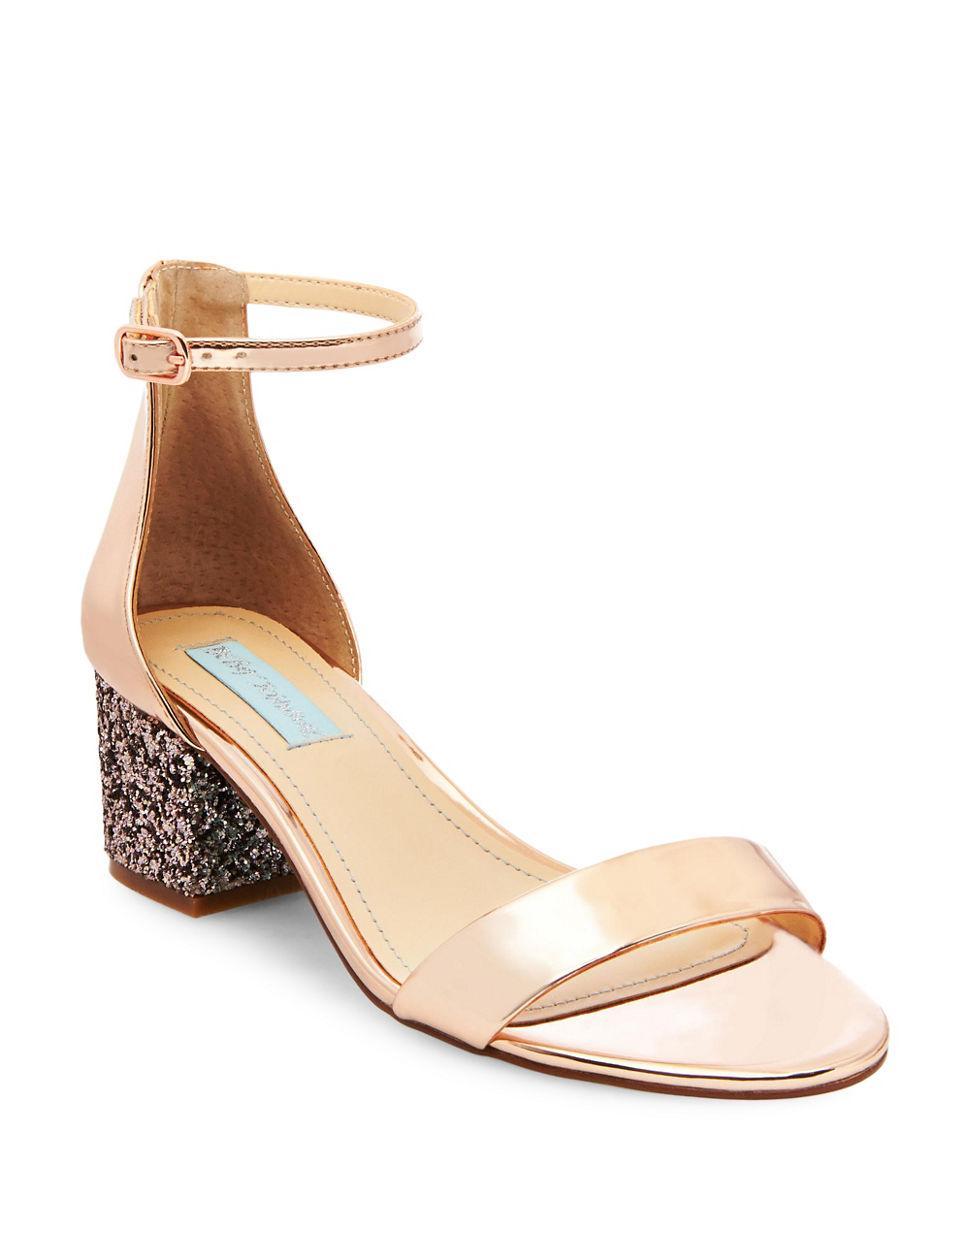 25e6ec28bef Lyst - Betsey Johnson Jayce Two-piece Dress Sandal in Pink